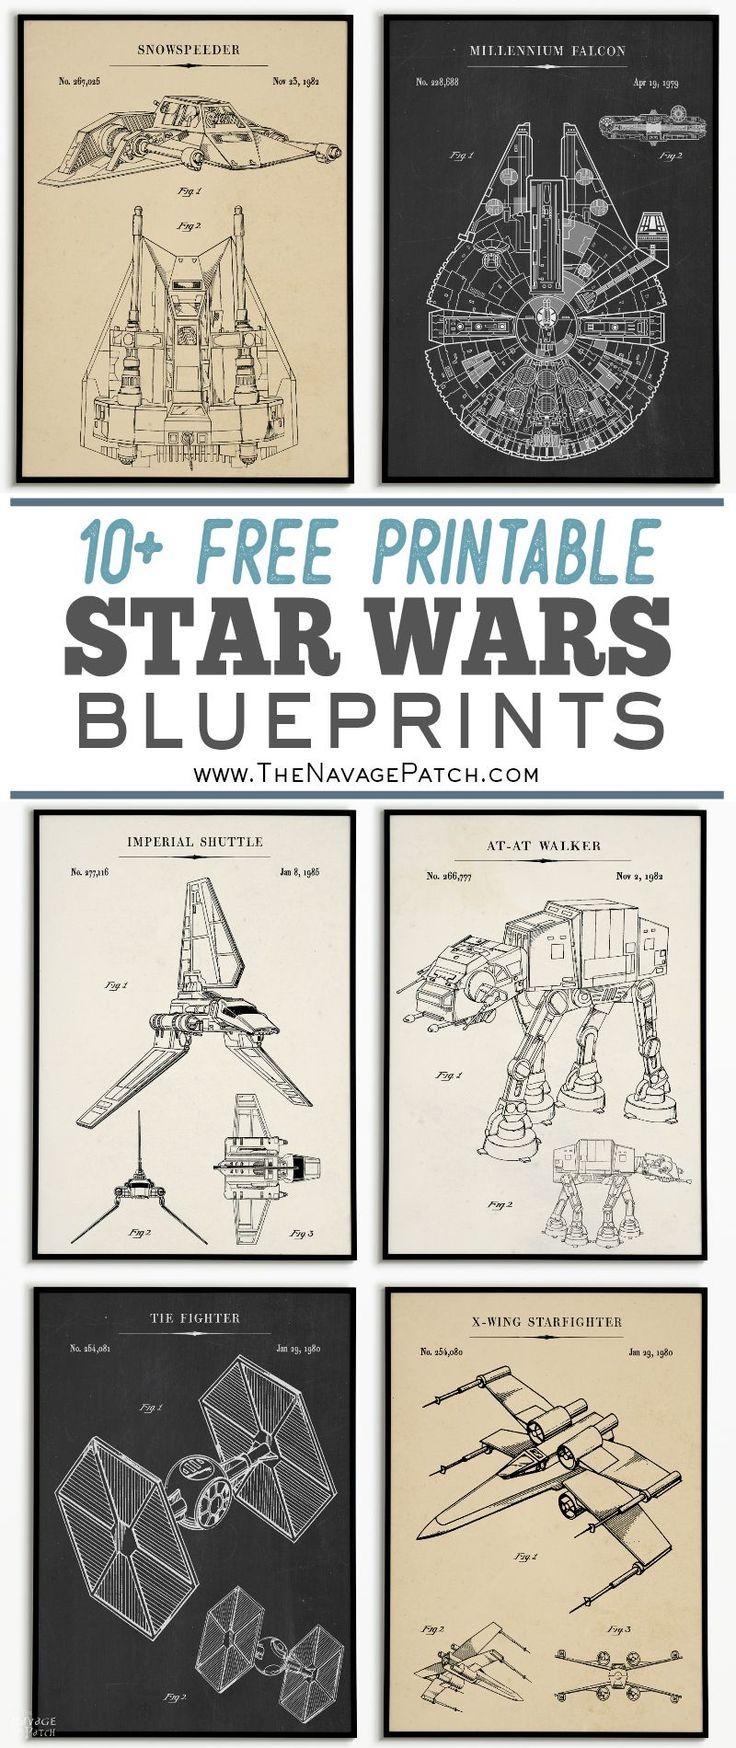 Free Printable Star Wars Blueprints | Star Wars Free Vintage - Free Printable Posters